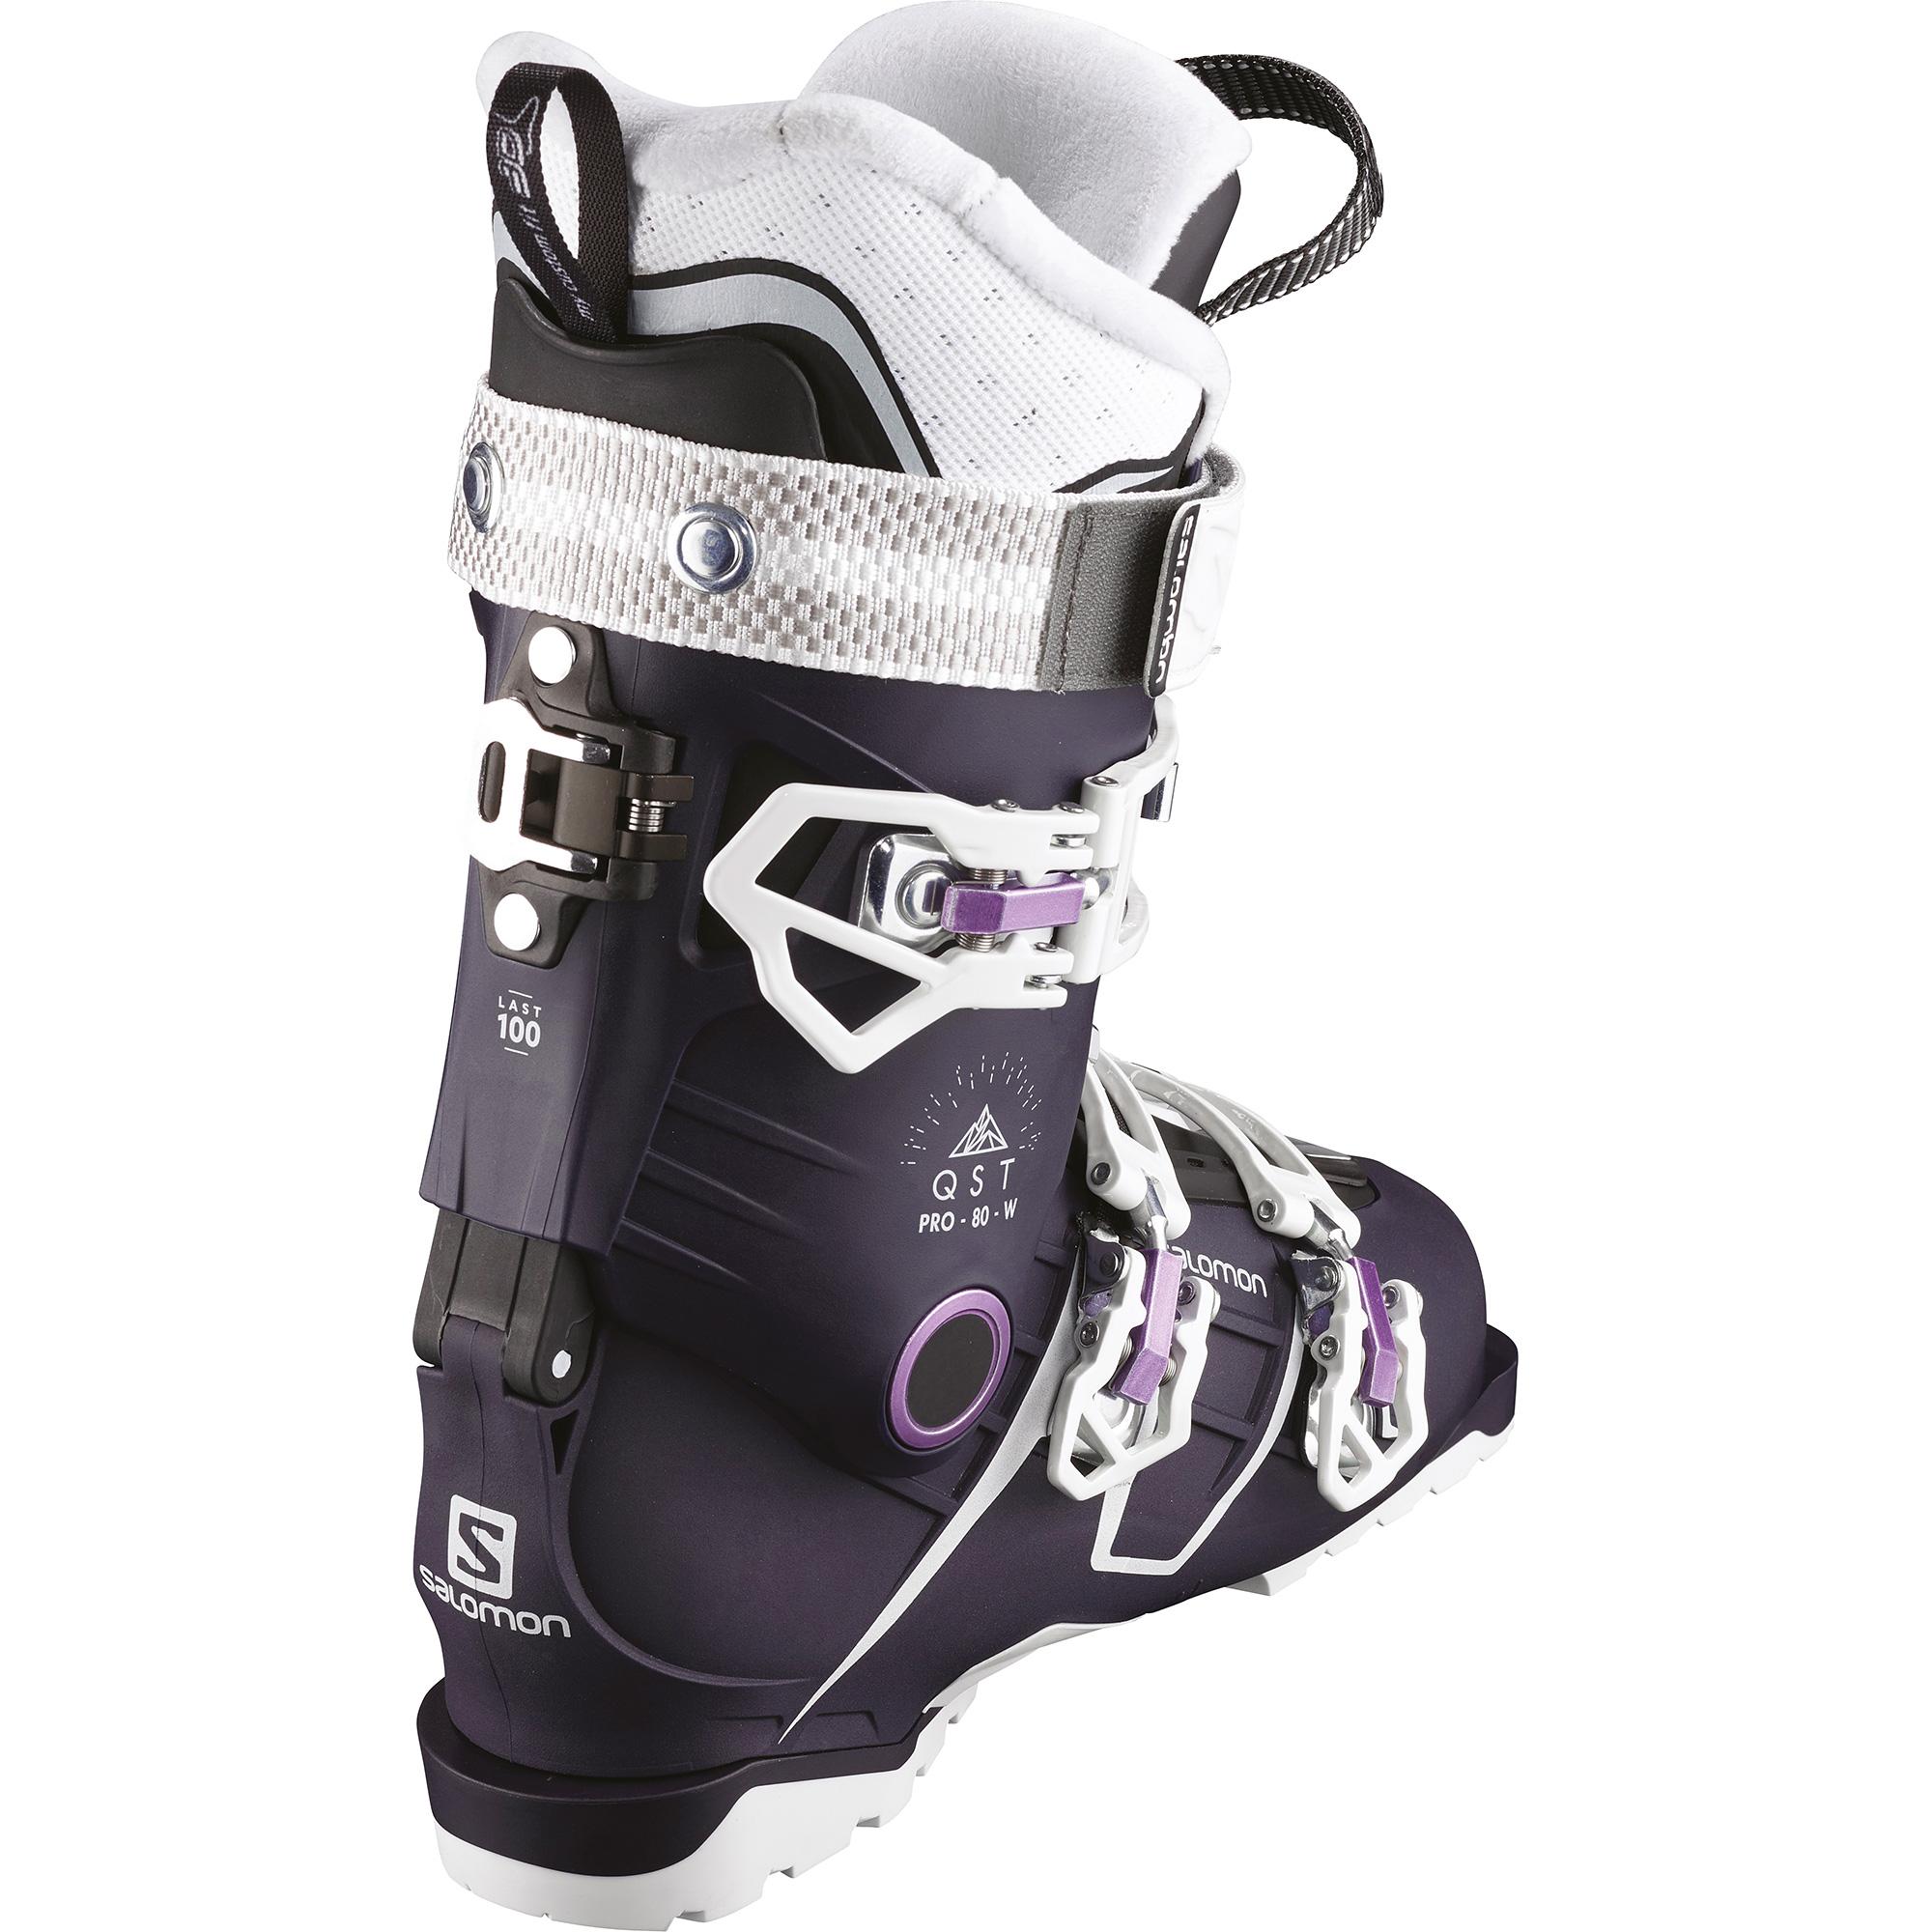 SALOMON QST PRO 80 W buty narciarskie R. 2424,5 cm